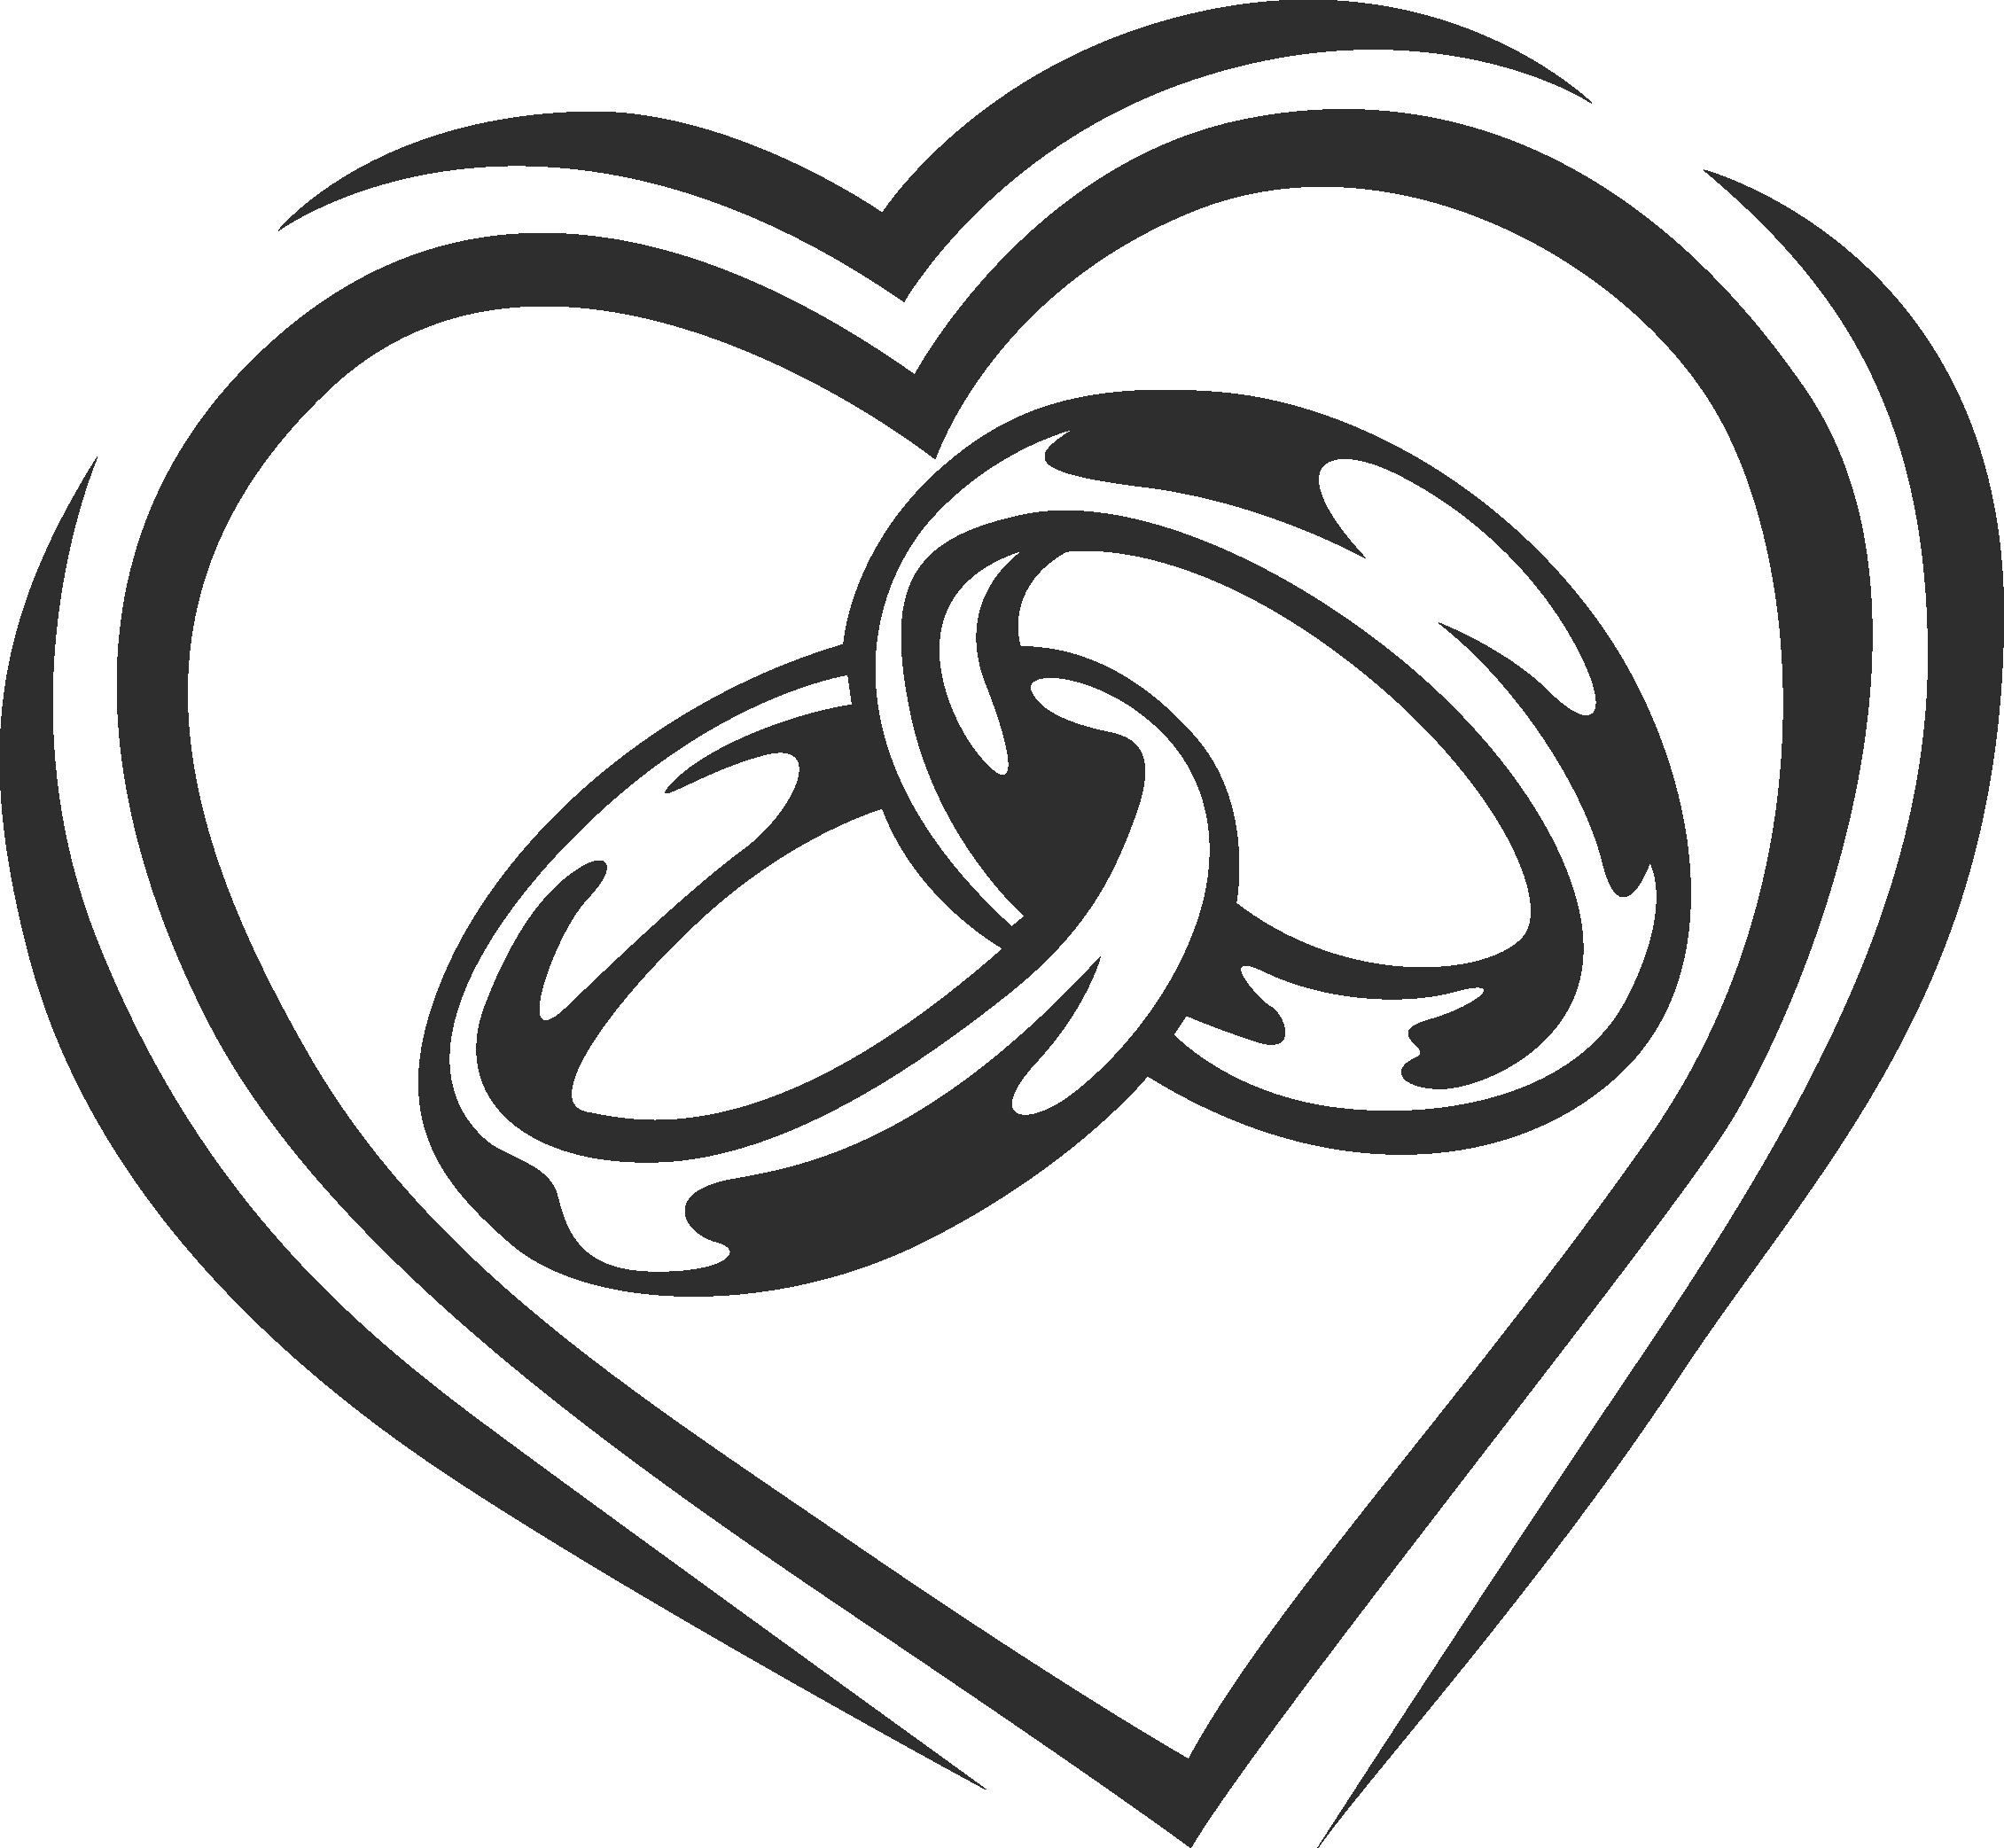 2261x2085 Drawings Of Wedding Rings